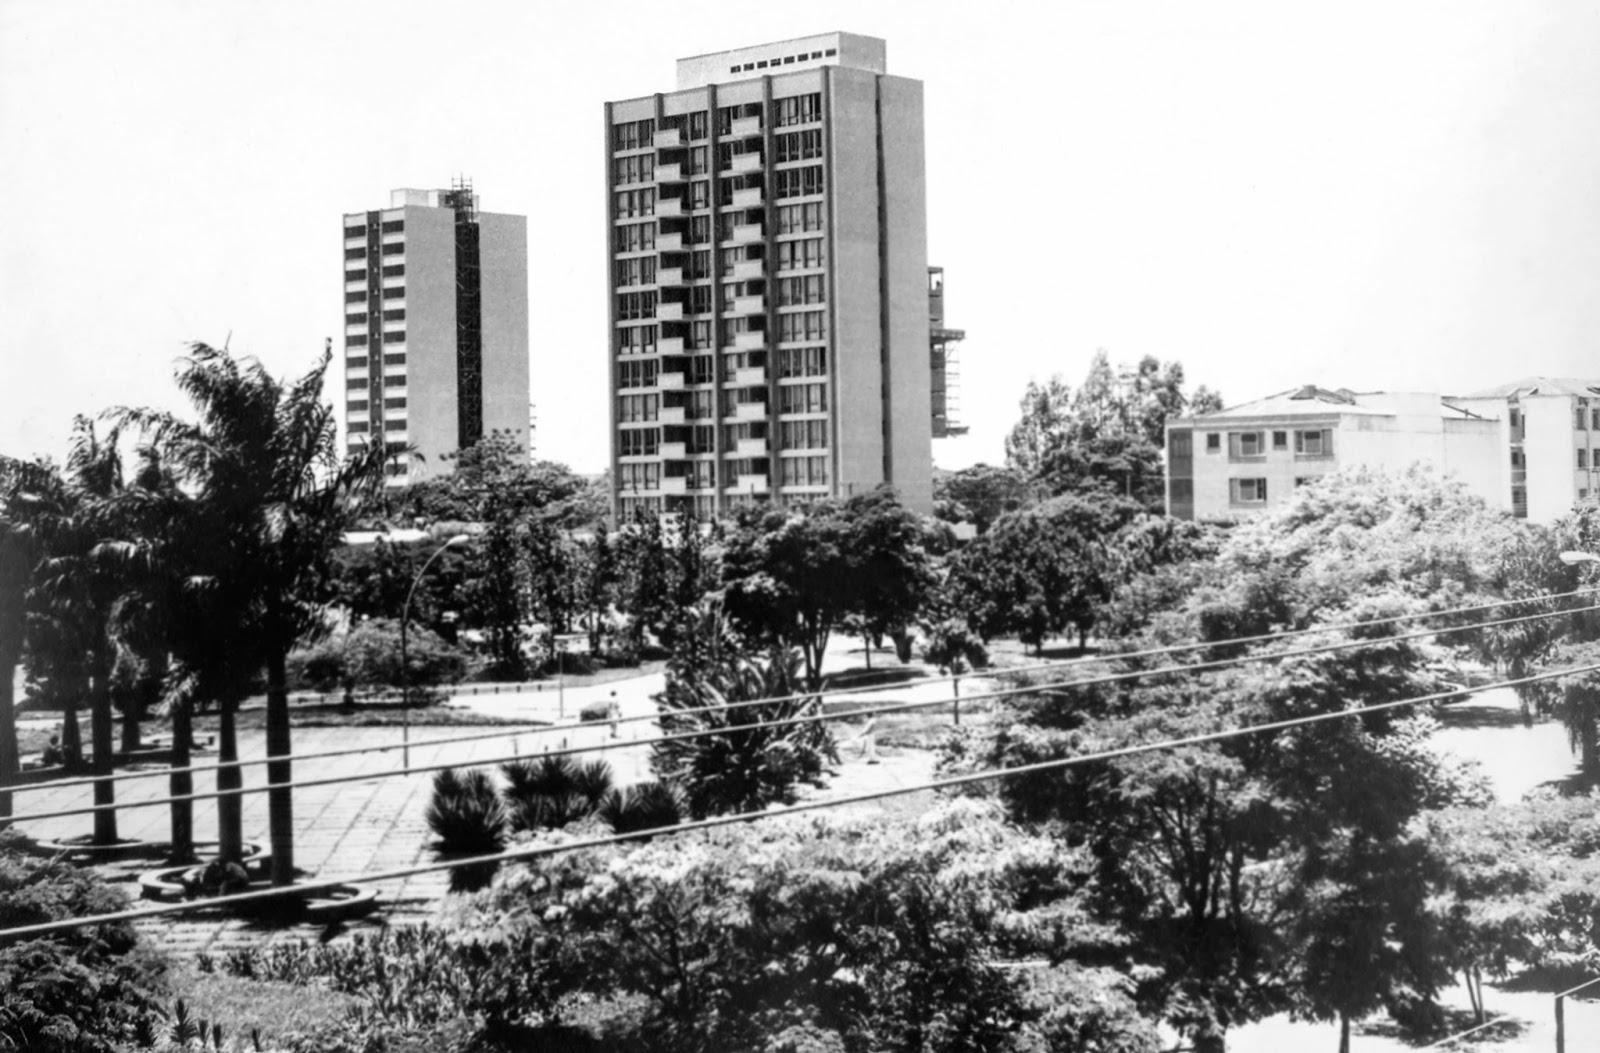 Praça Napoleão Moreira da Silva - Final dos anos 1960